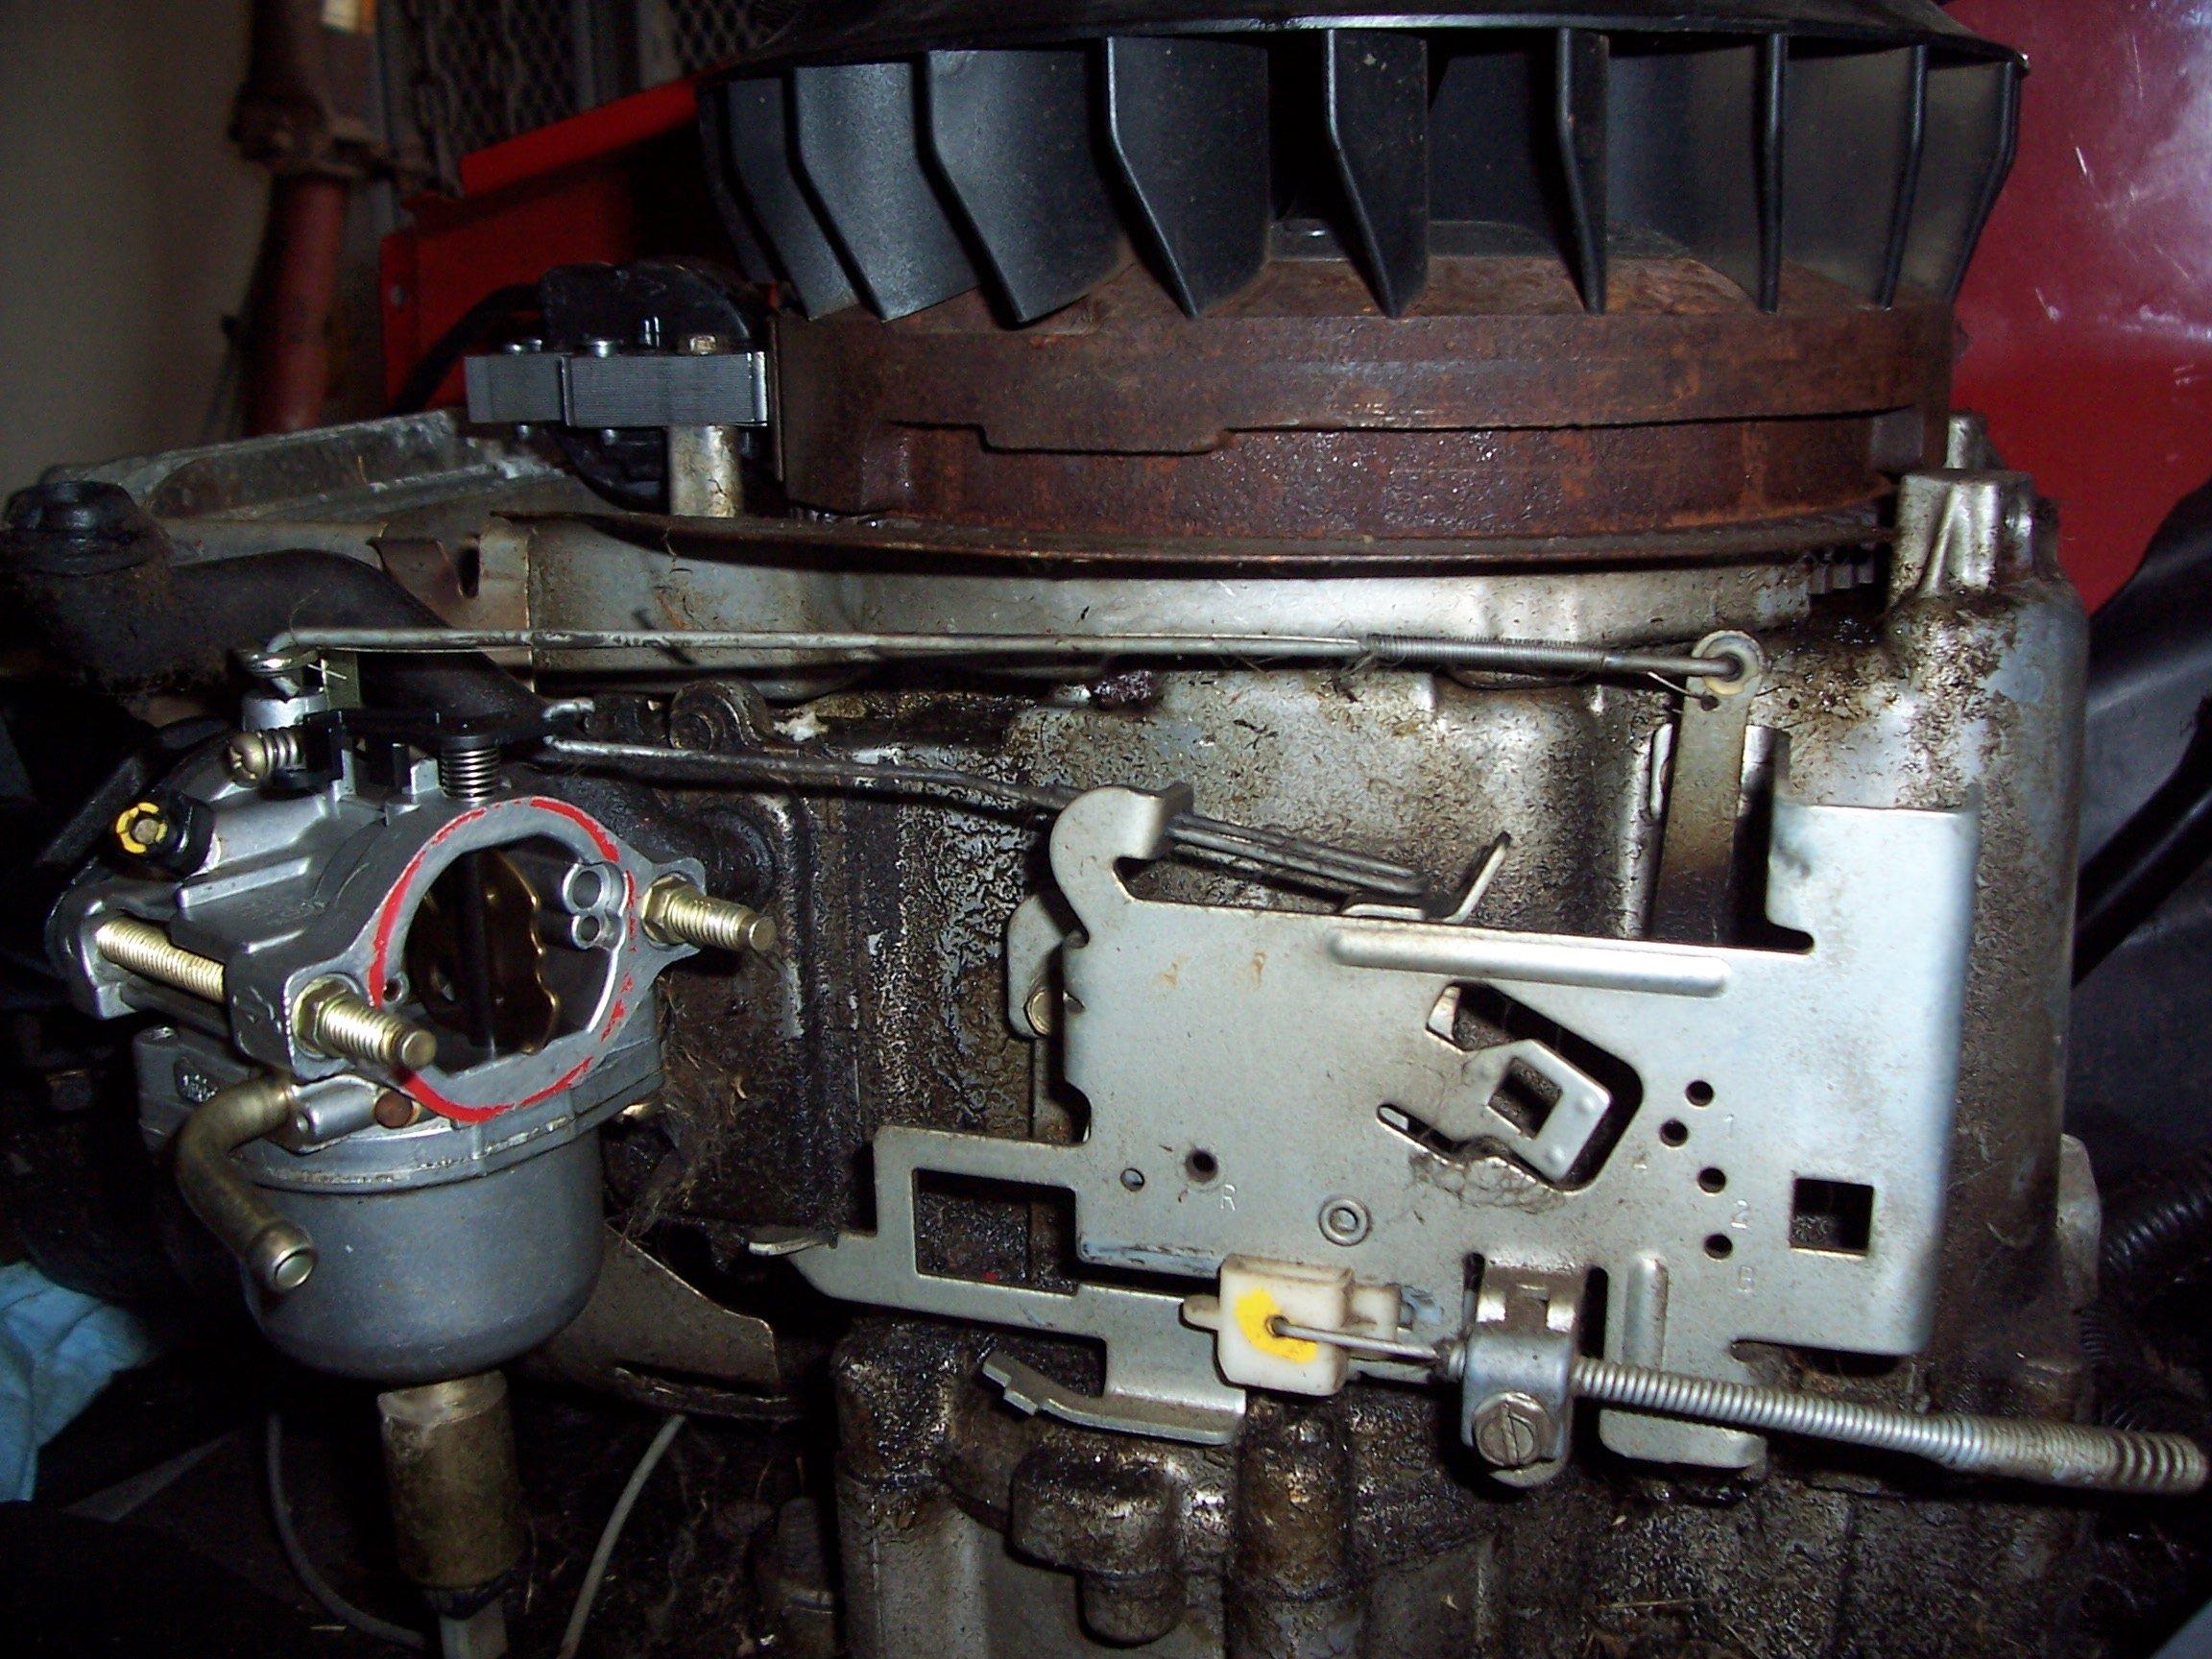 38 hp kohler wiring diagram #17 Kohler Command 14 Wiring Diagram 38 hp kohler wiring diagram